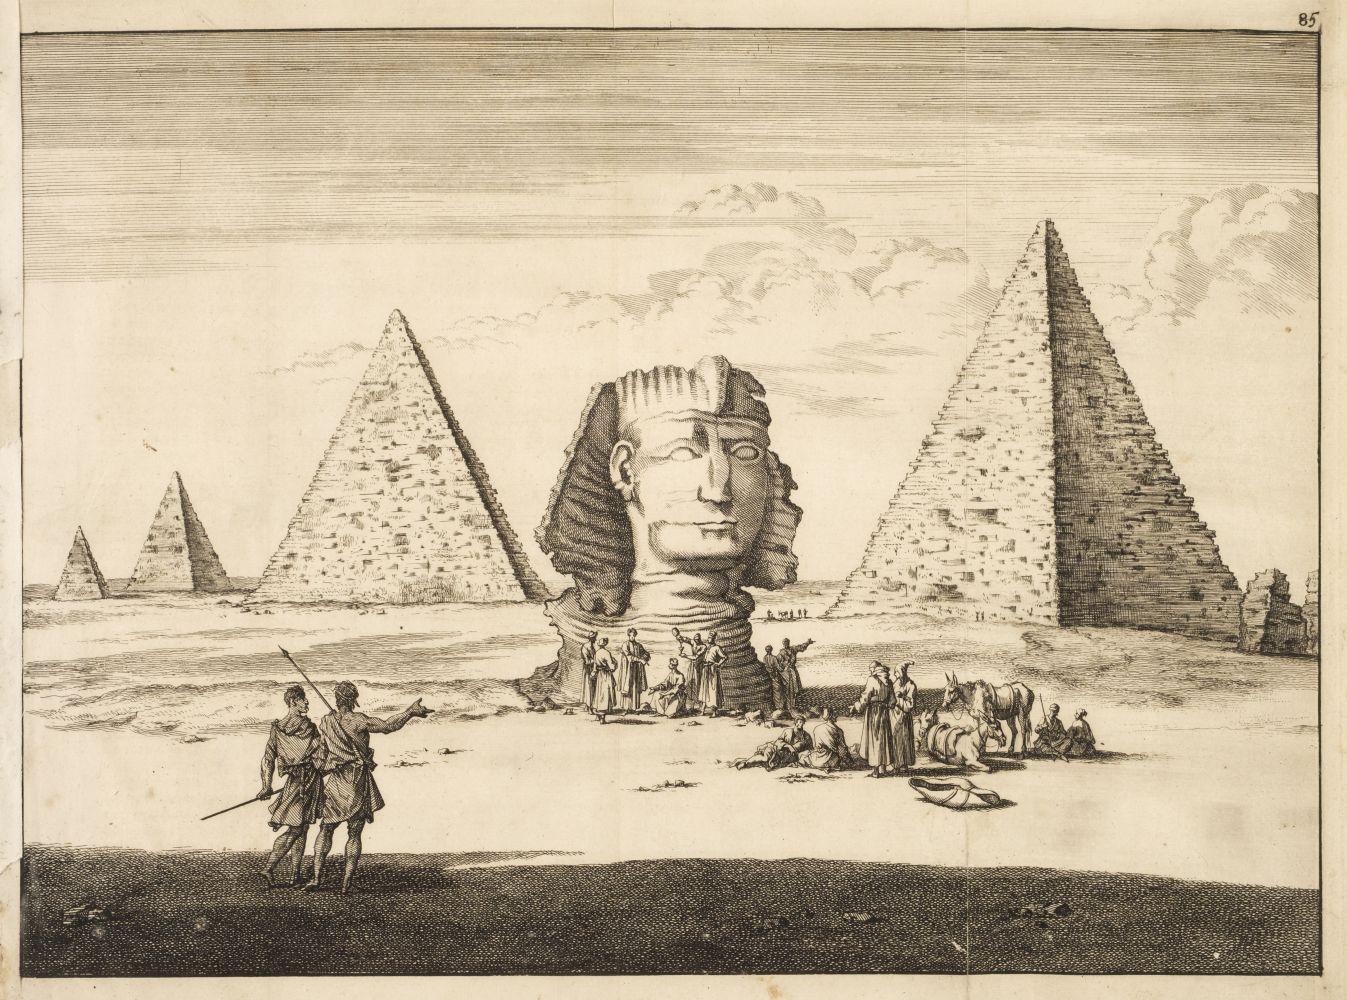 * Bruyn (Cornelis de). 43 plates from Reizen van Cornelis de bruyn, 1698